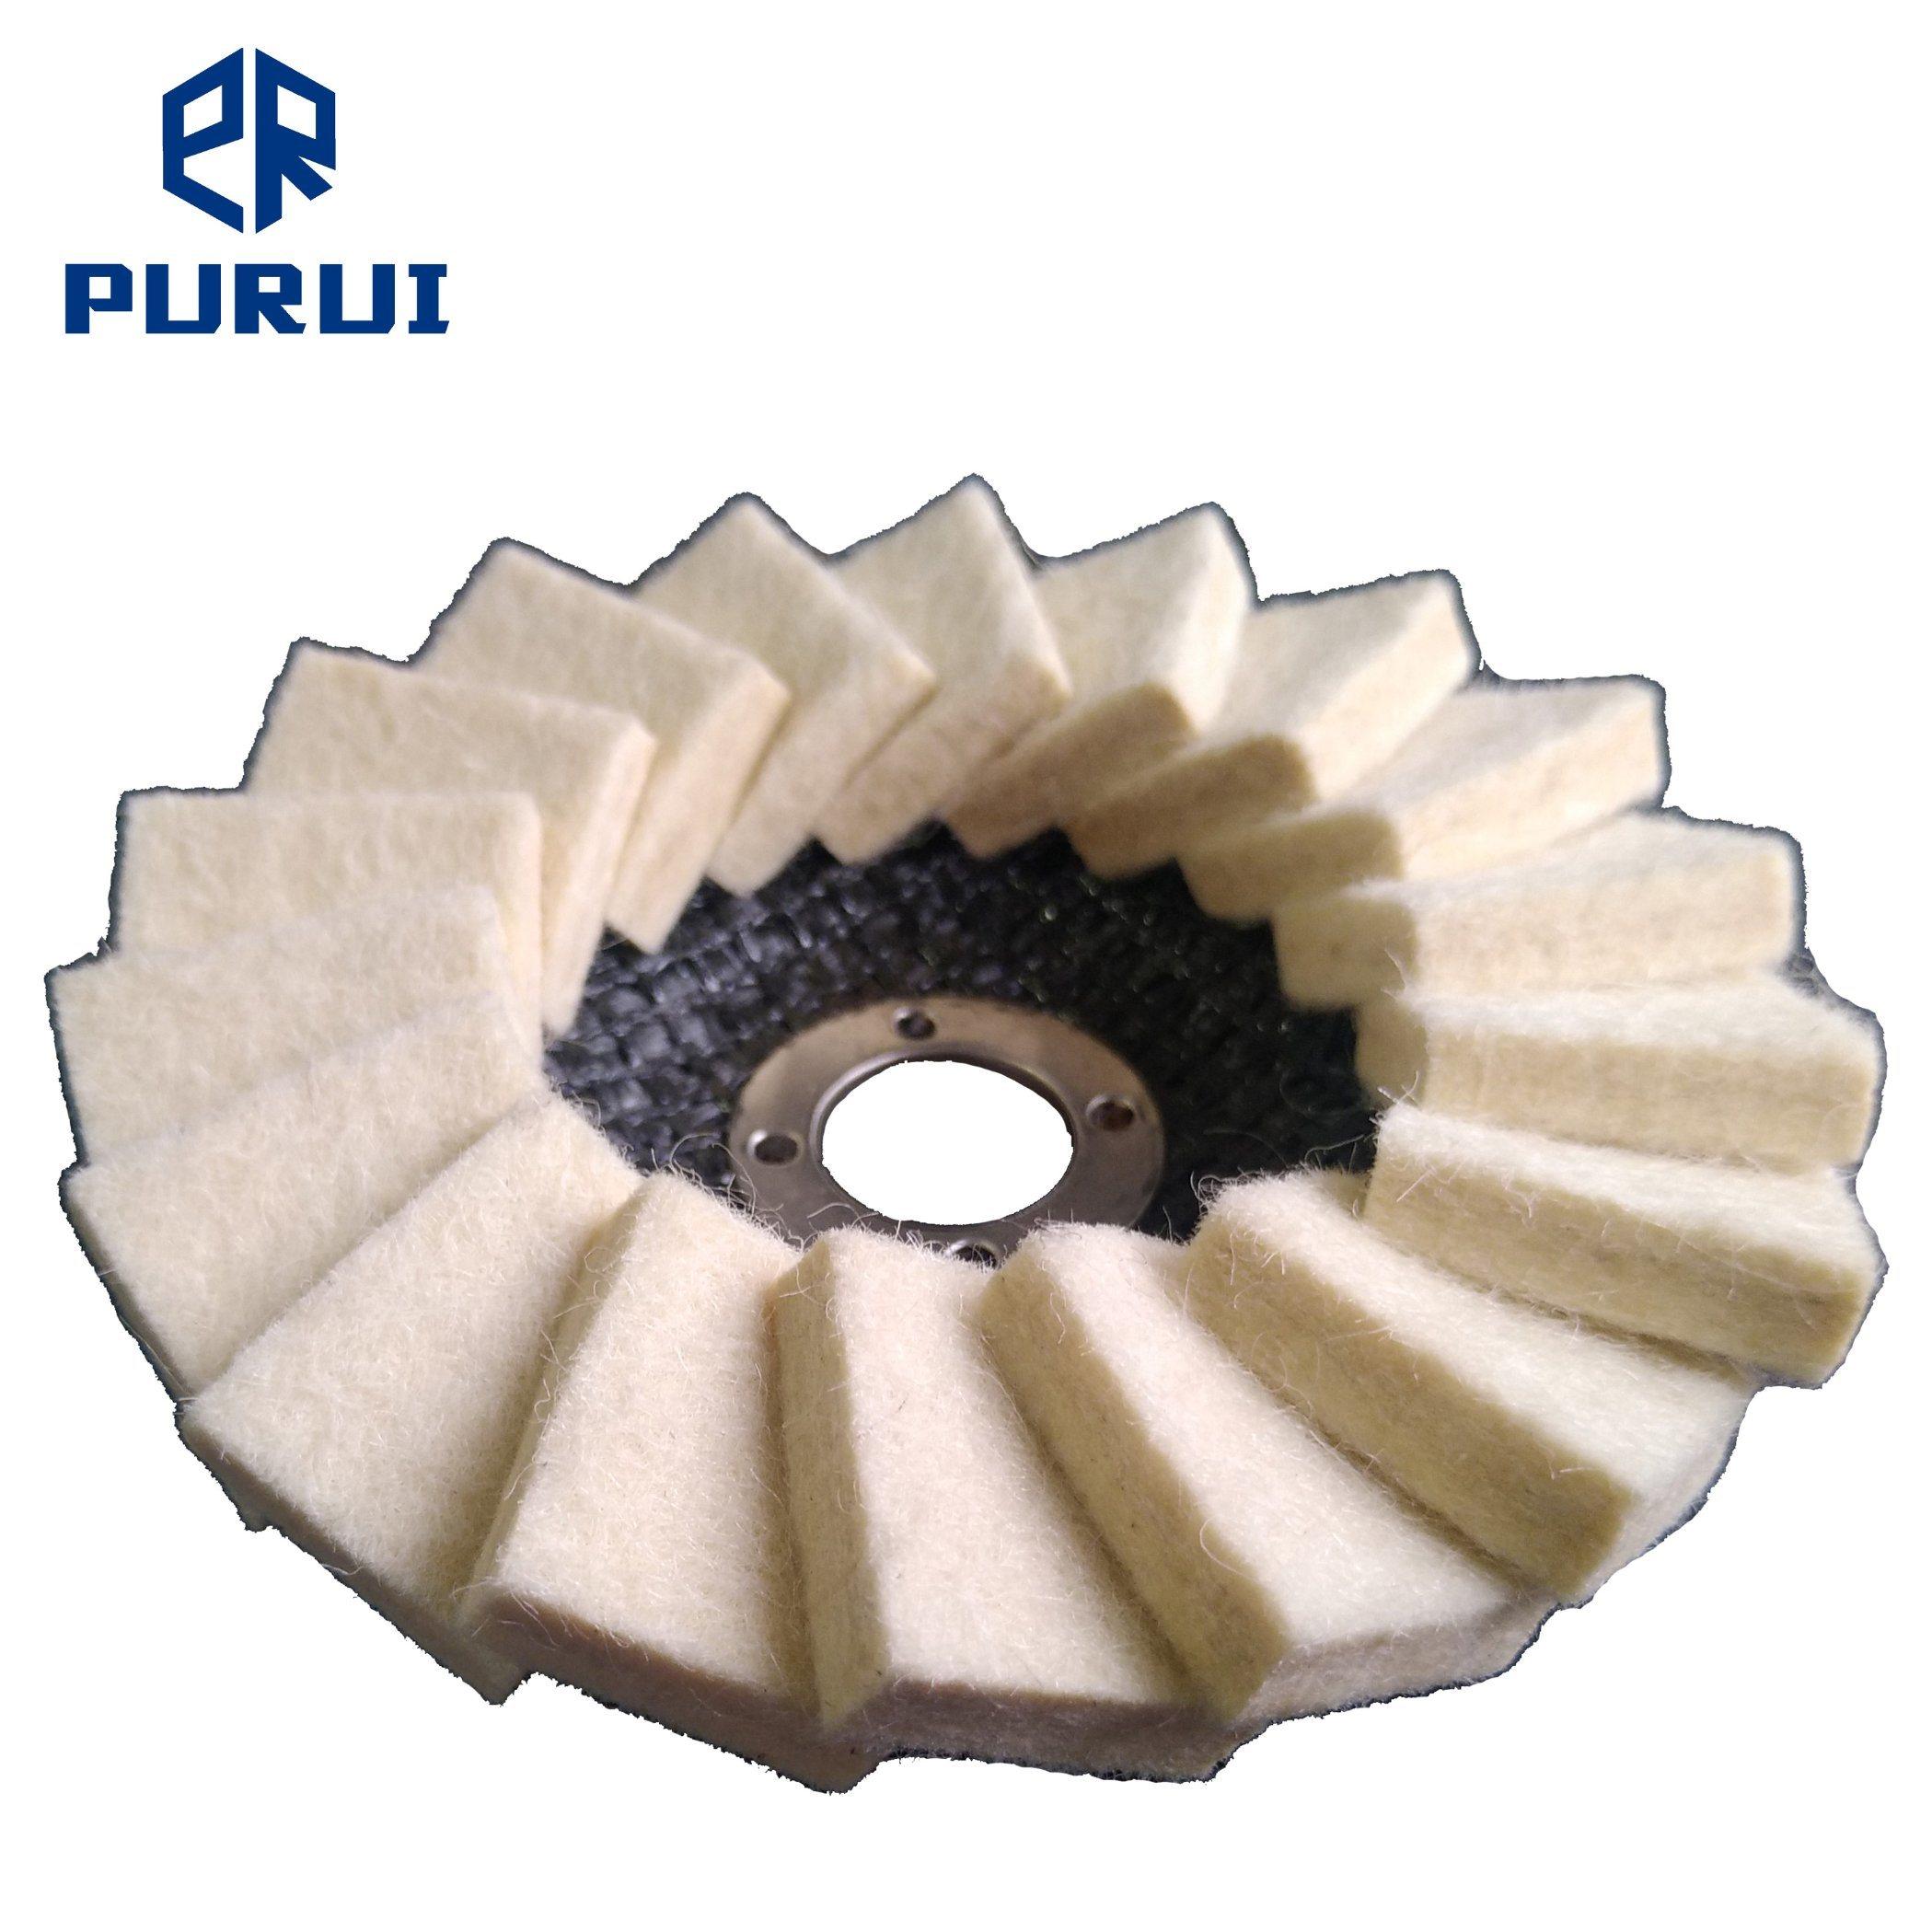 100mm X 16mm estimé trappe de polissage de disque pour le polissage final